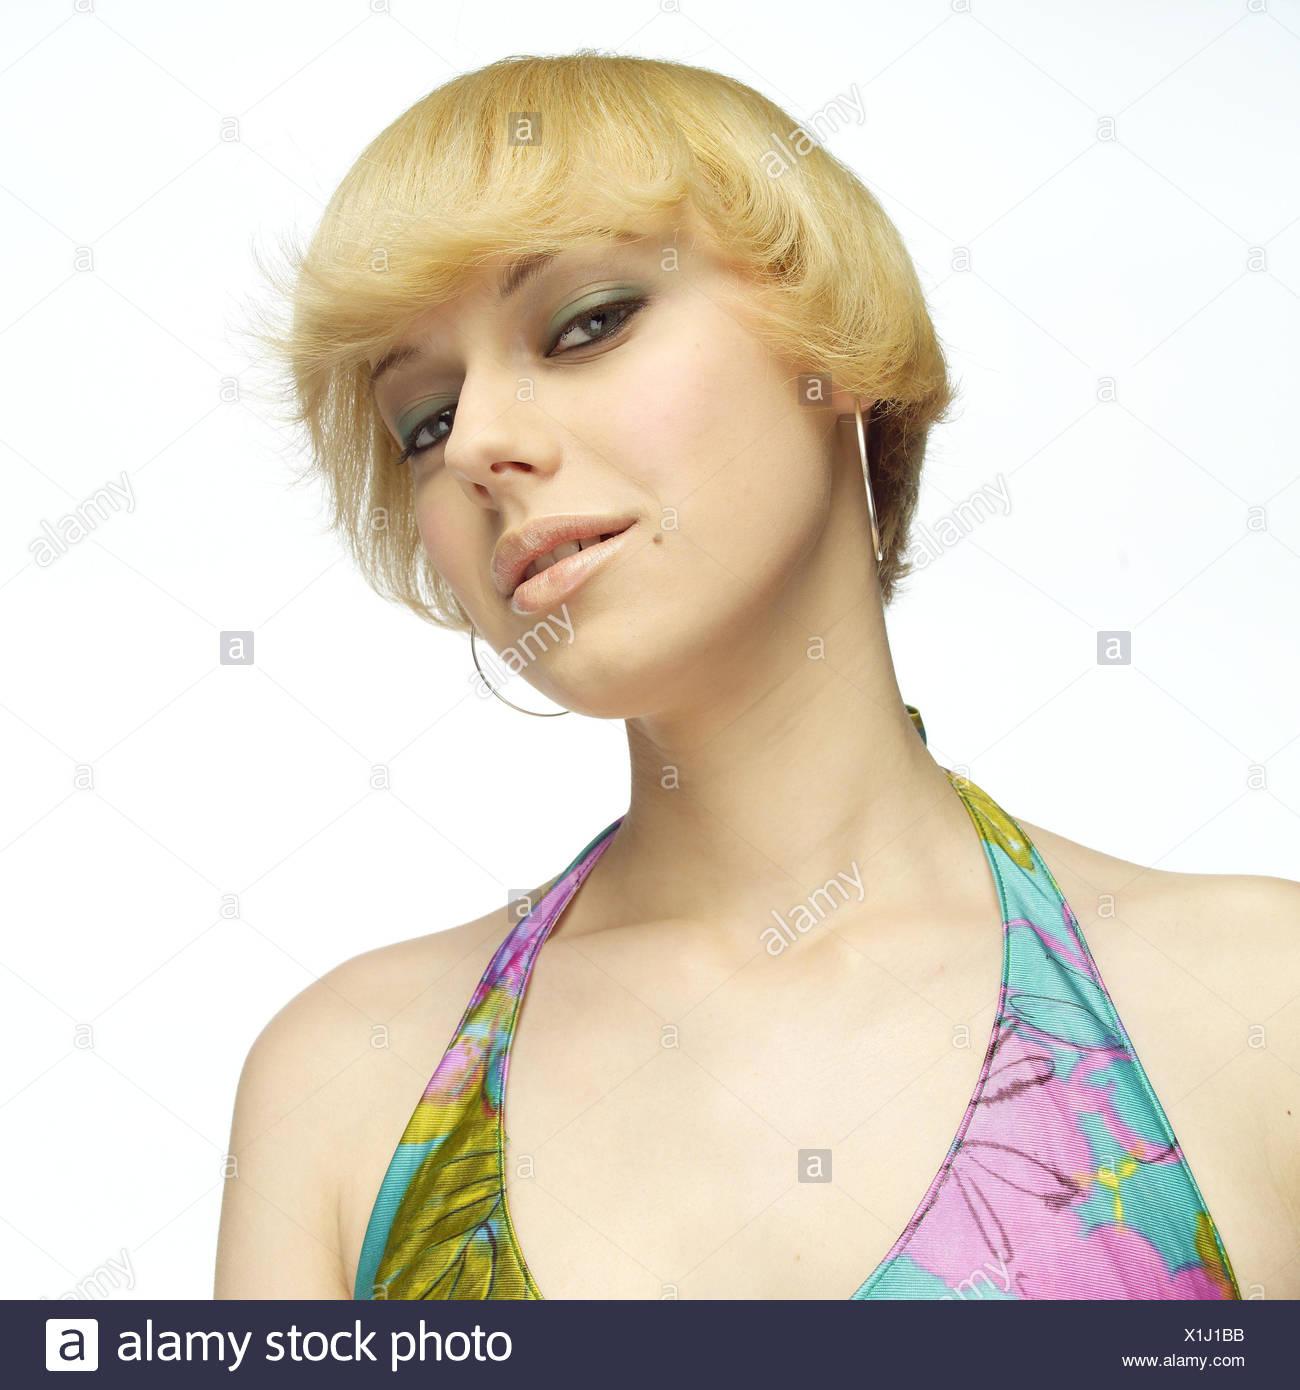 Frau Jung Blond Gesichts Spielen Abschirmenden